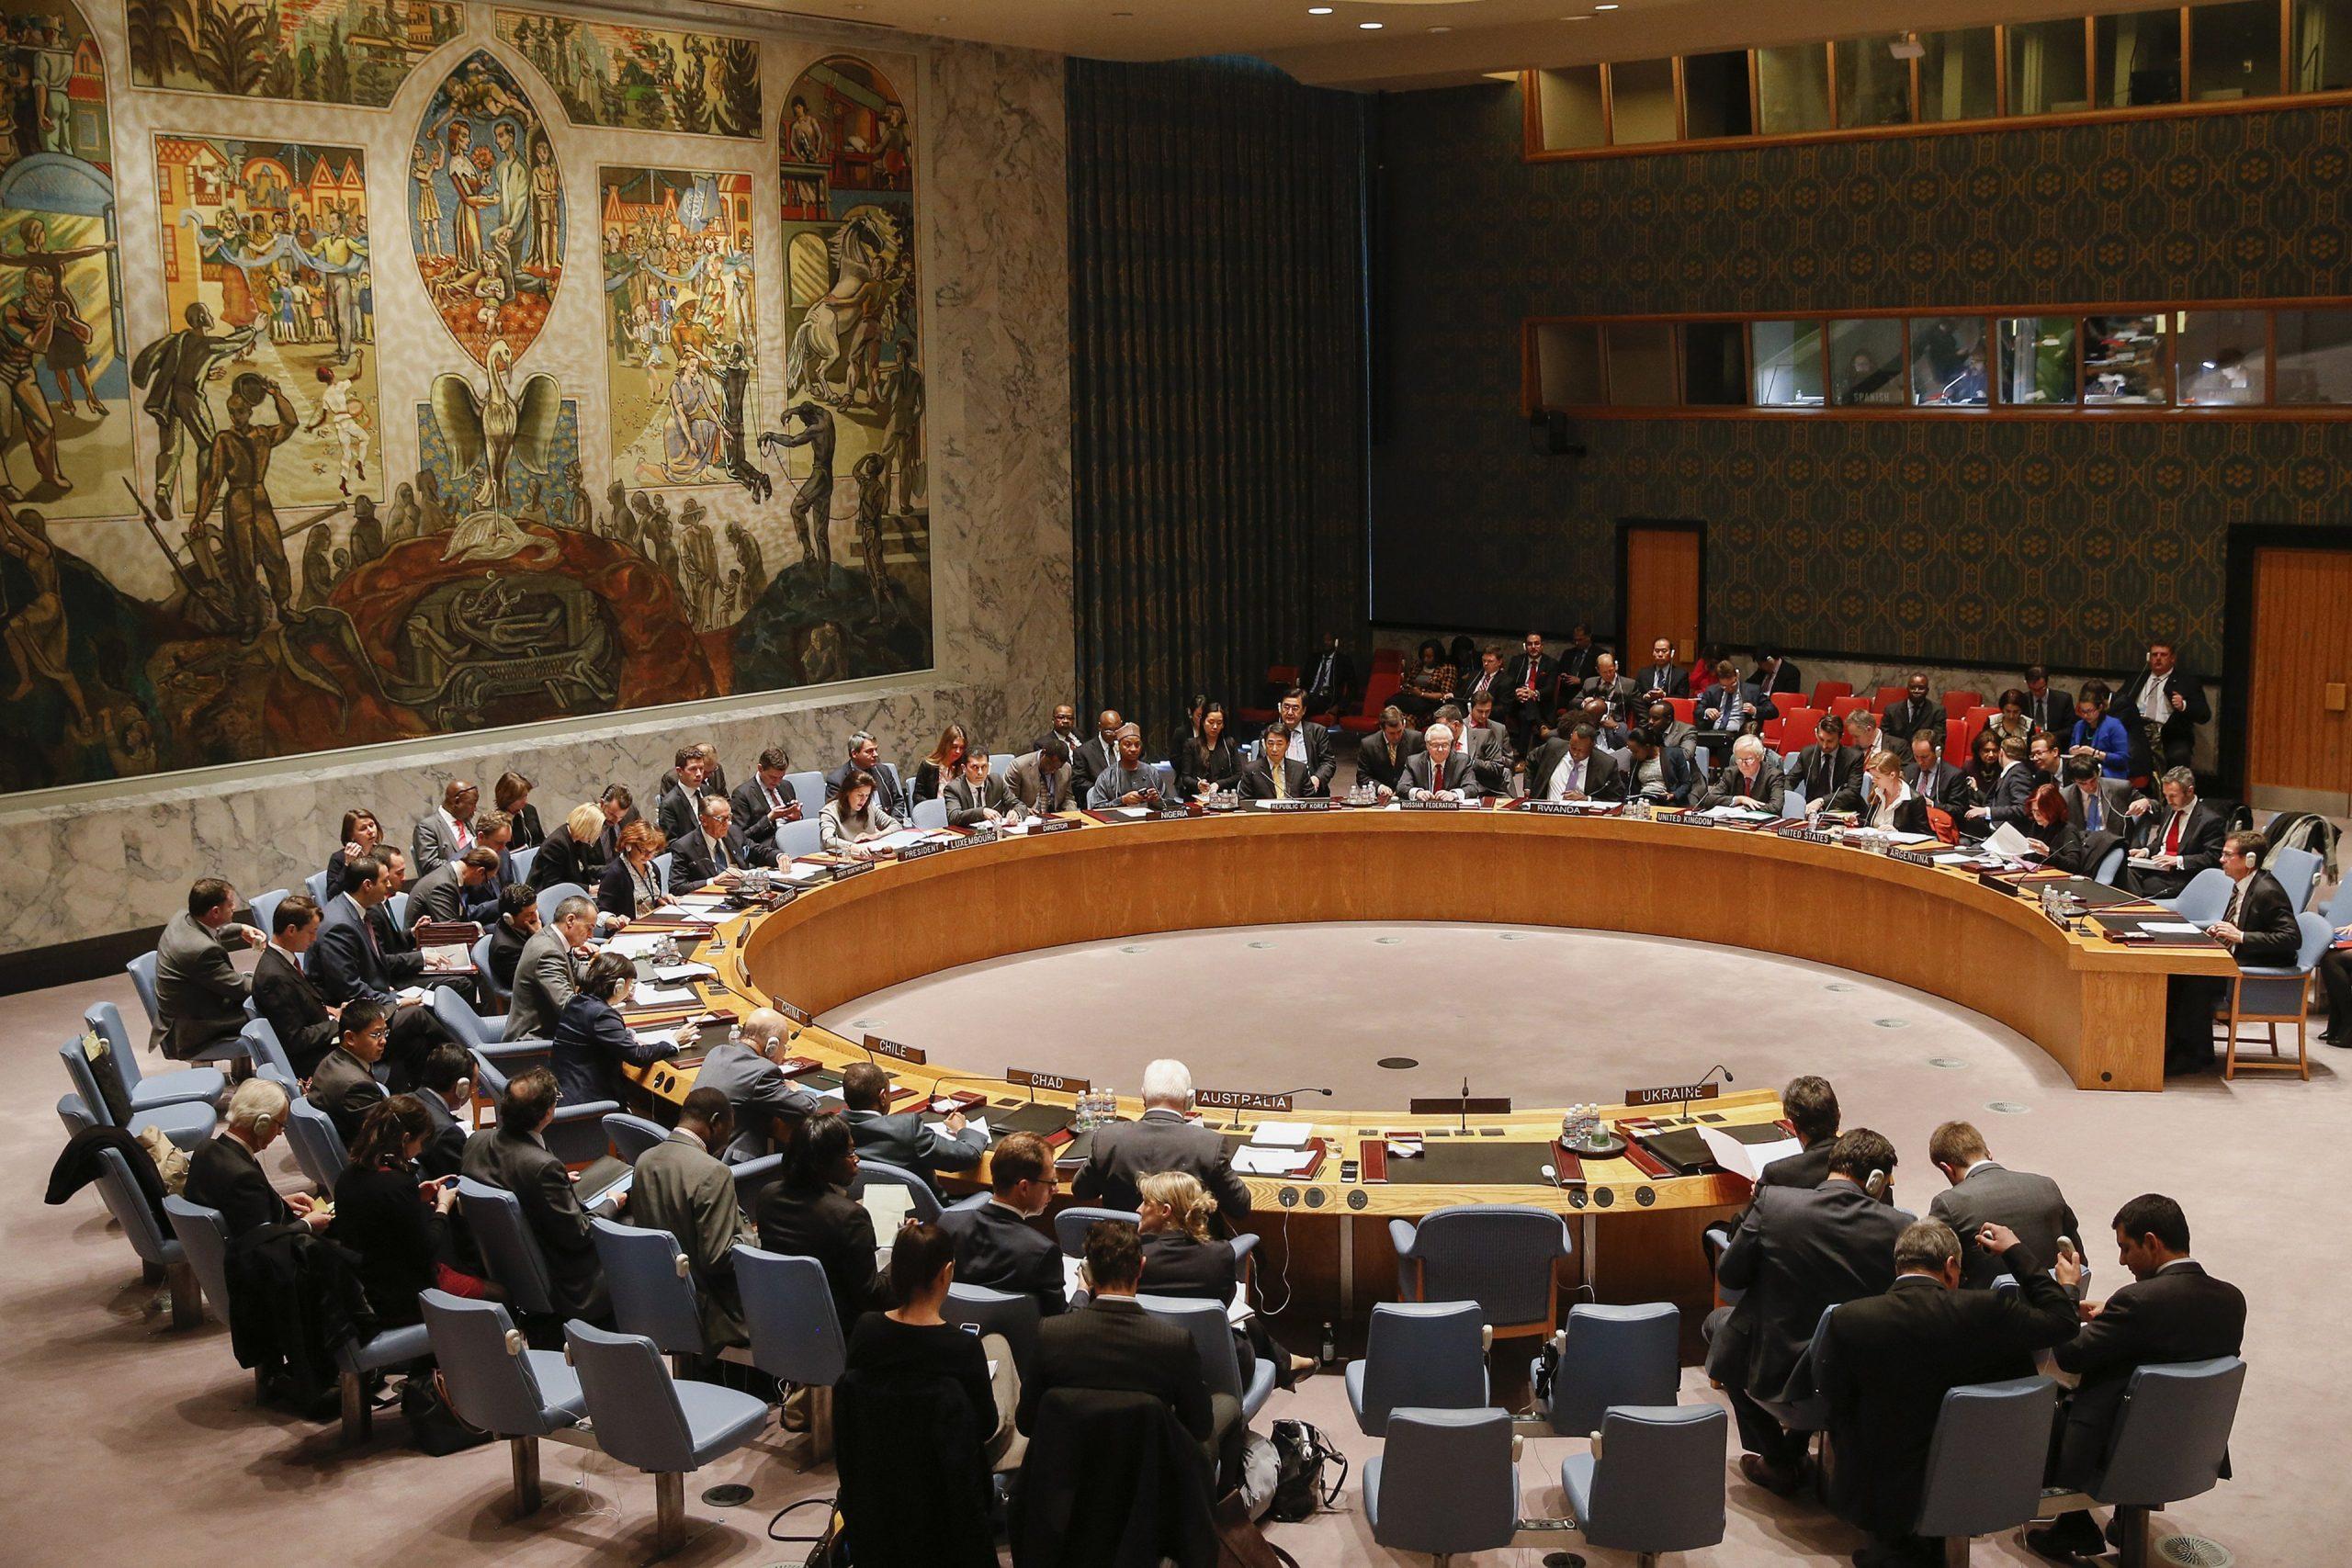 Zgjedhjet për Këshillin e Sigurimit të OKB-së